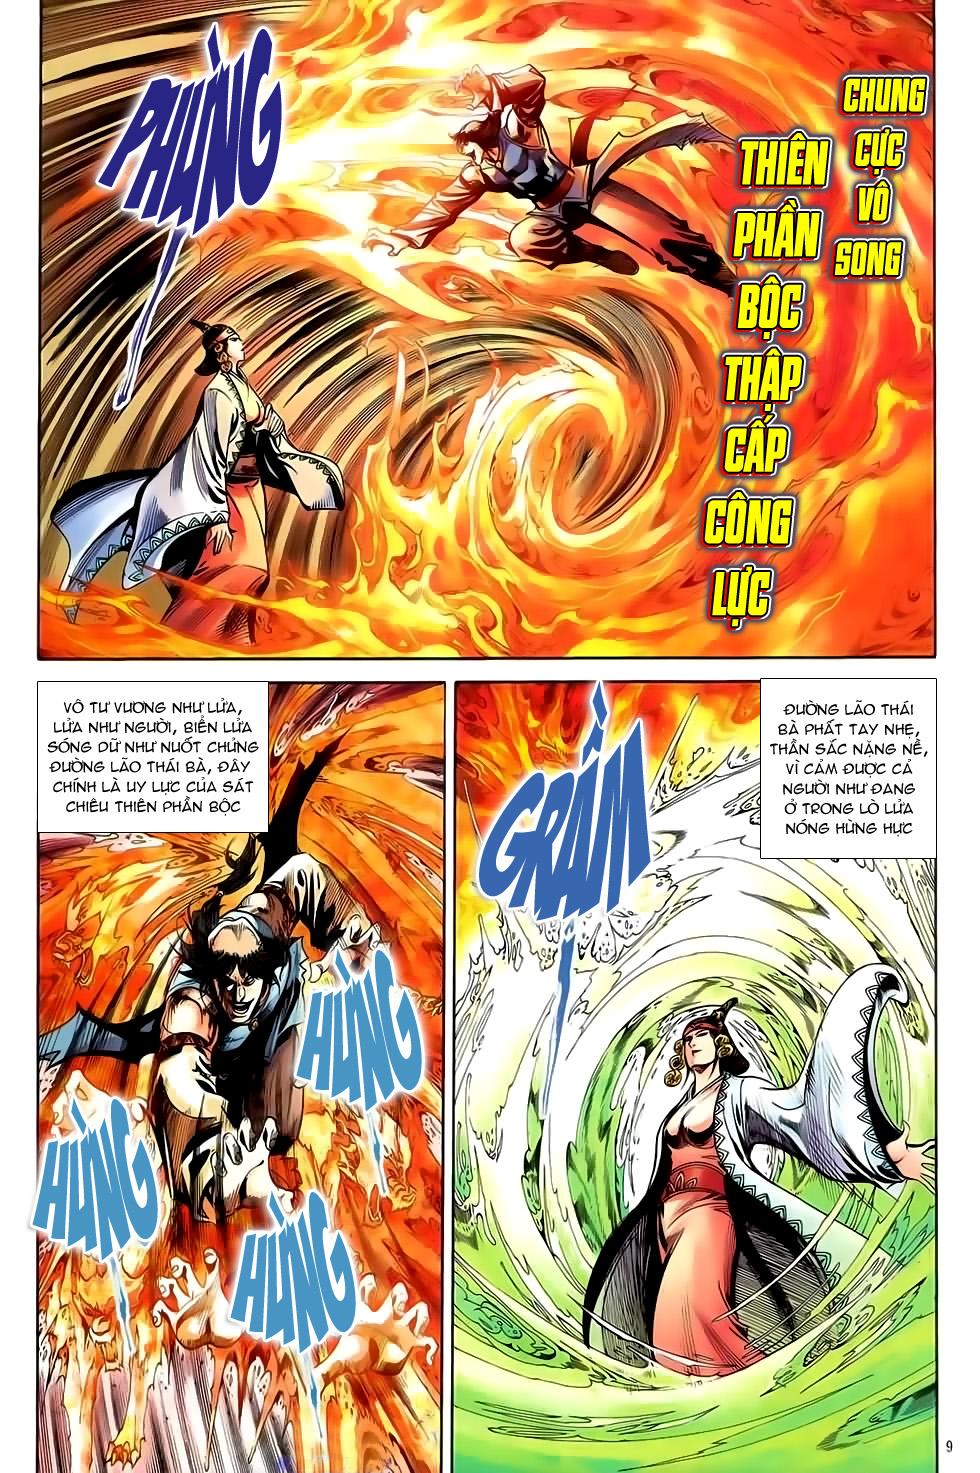 Đại Hiệp Truyền Kỳ (Thần Châu Hậu Truyện) chap 51 - Trang 8